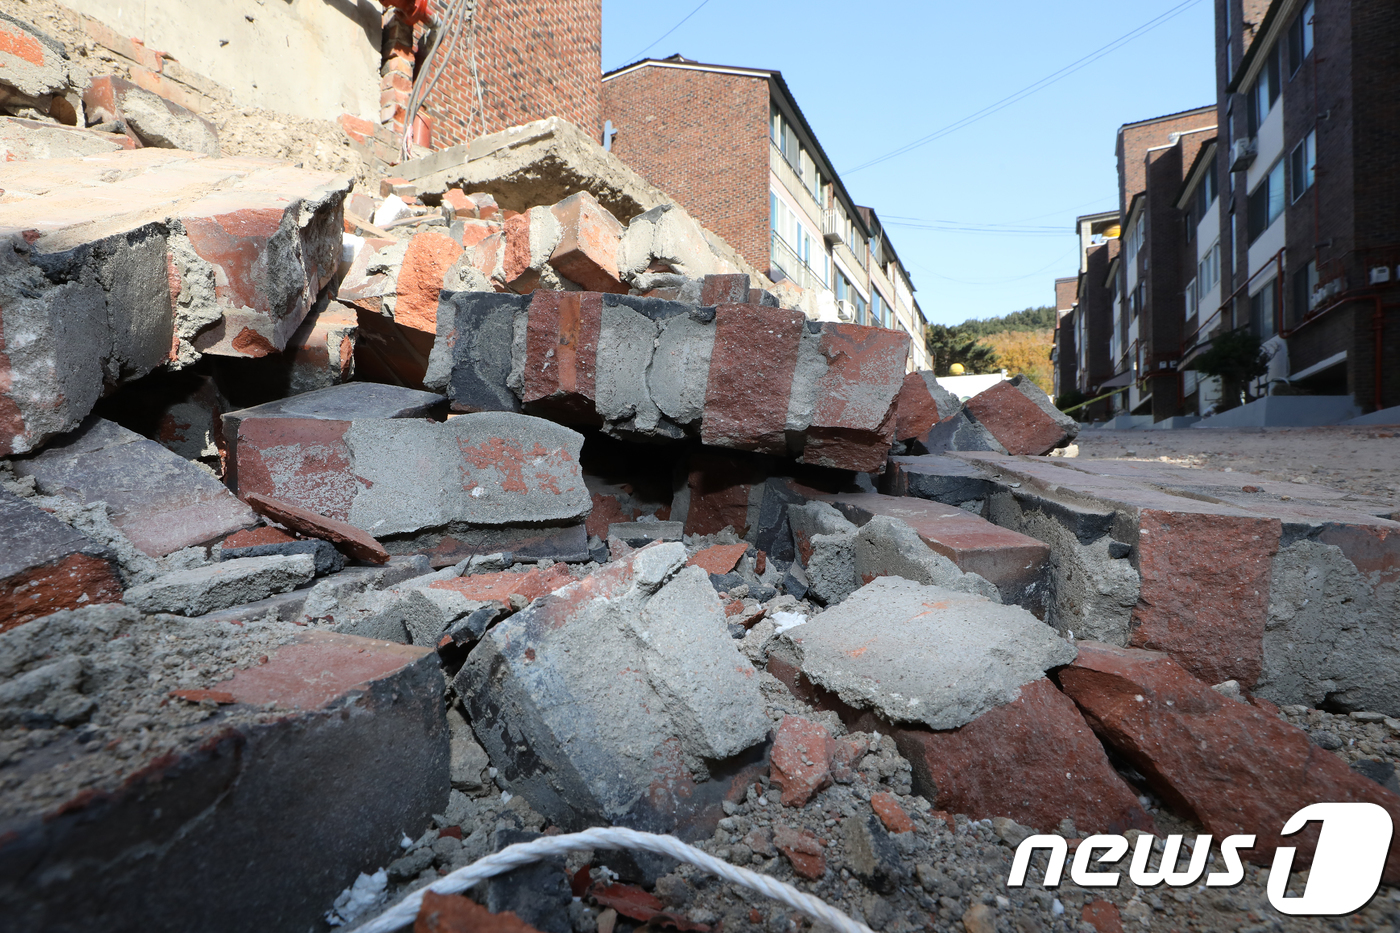 북한 지역 지진속보 감시영역 확장..재난문자 송출도 확대[와룡 토토|리뉴얼 토토]